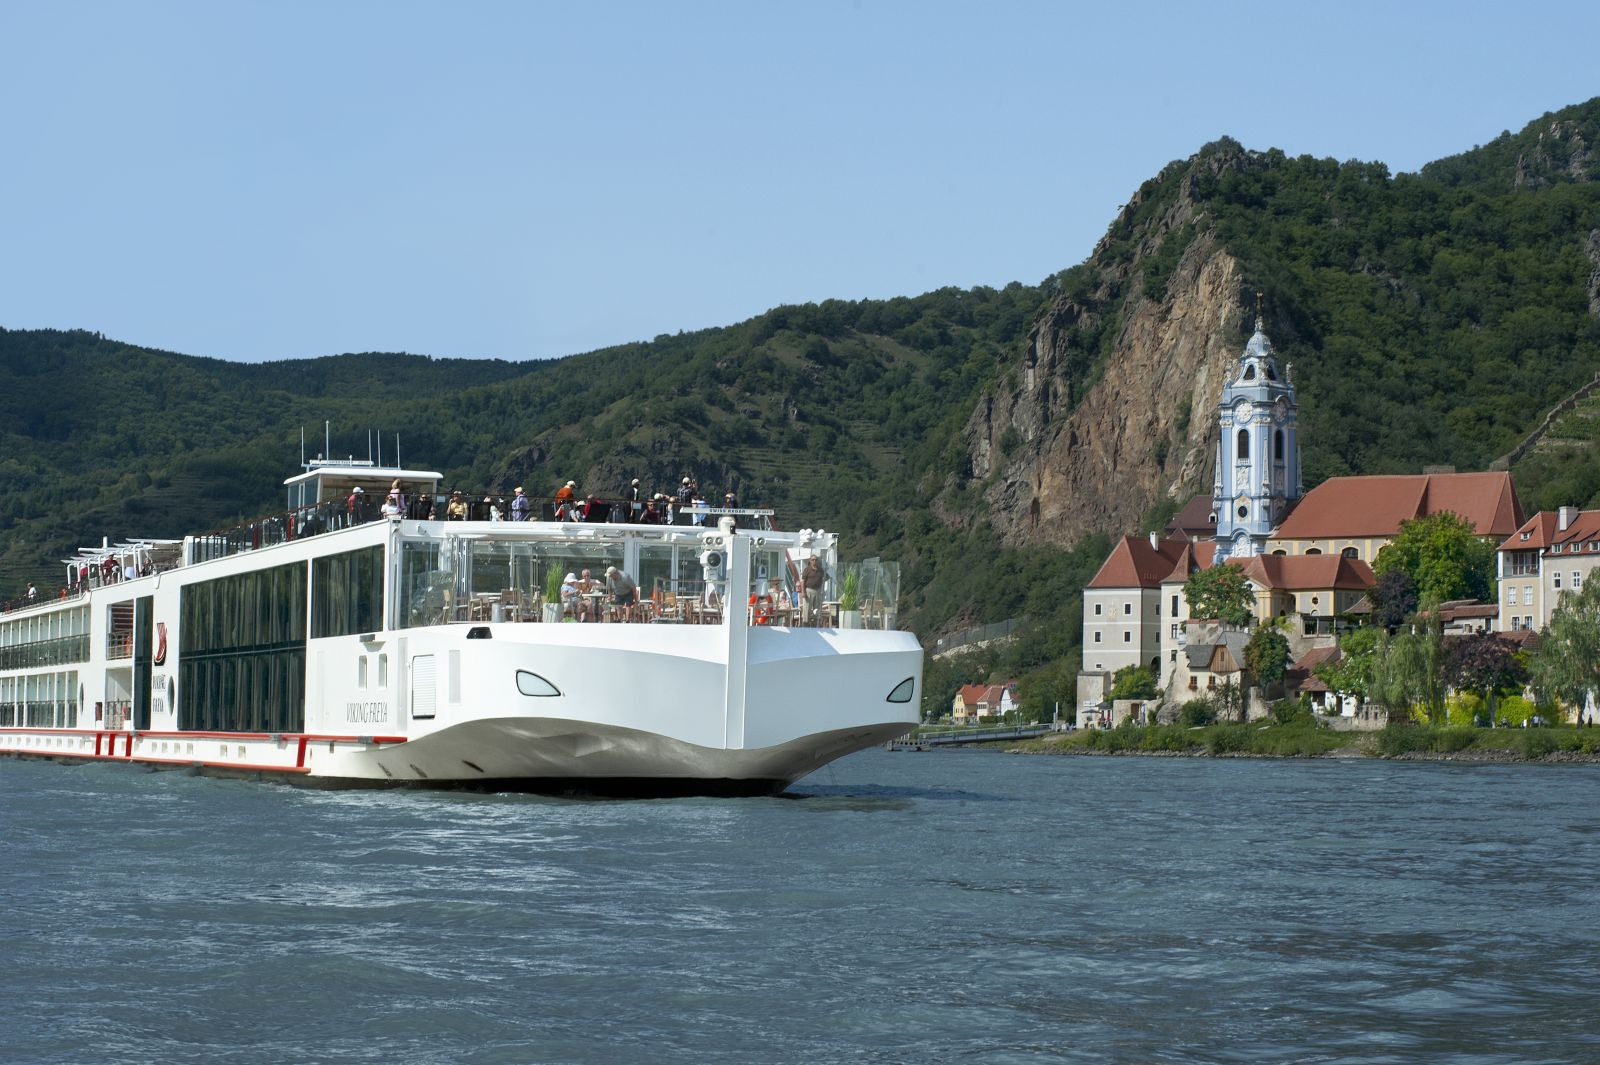 sailing-through-Krems-viking-cruises